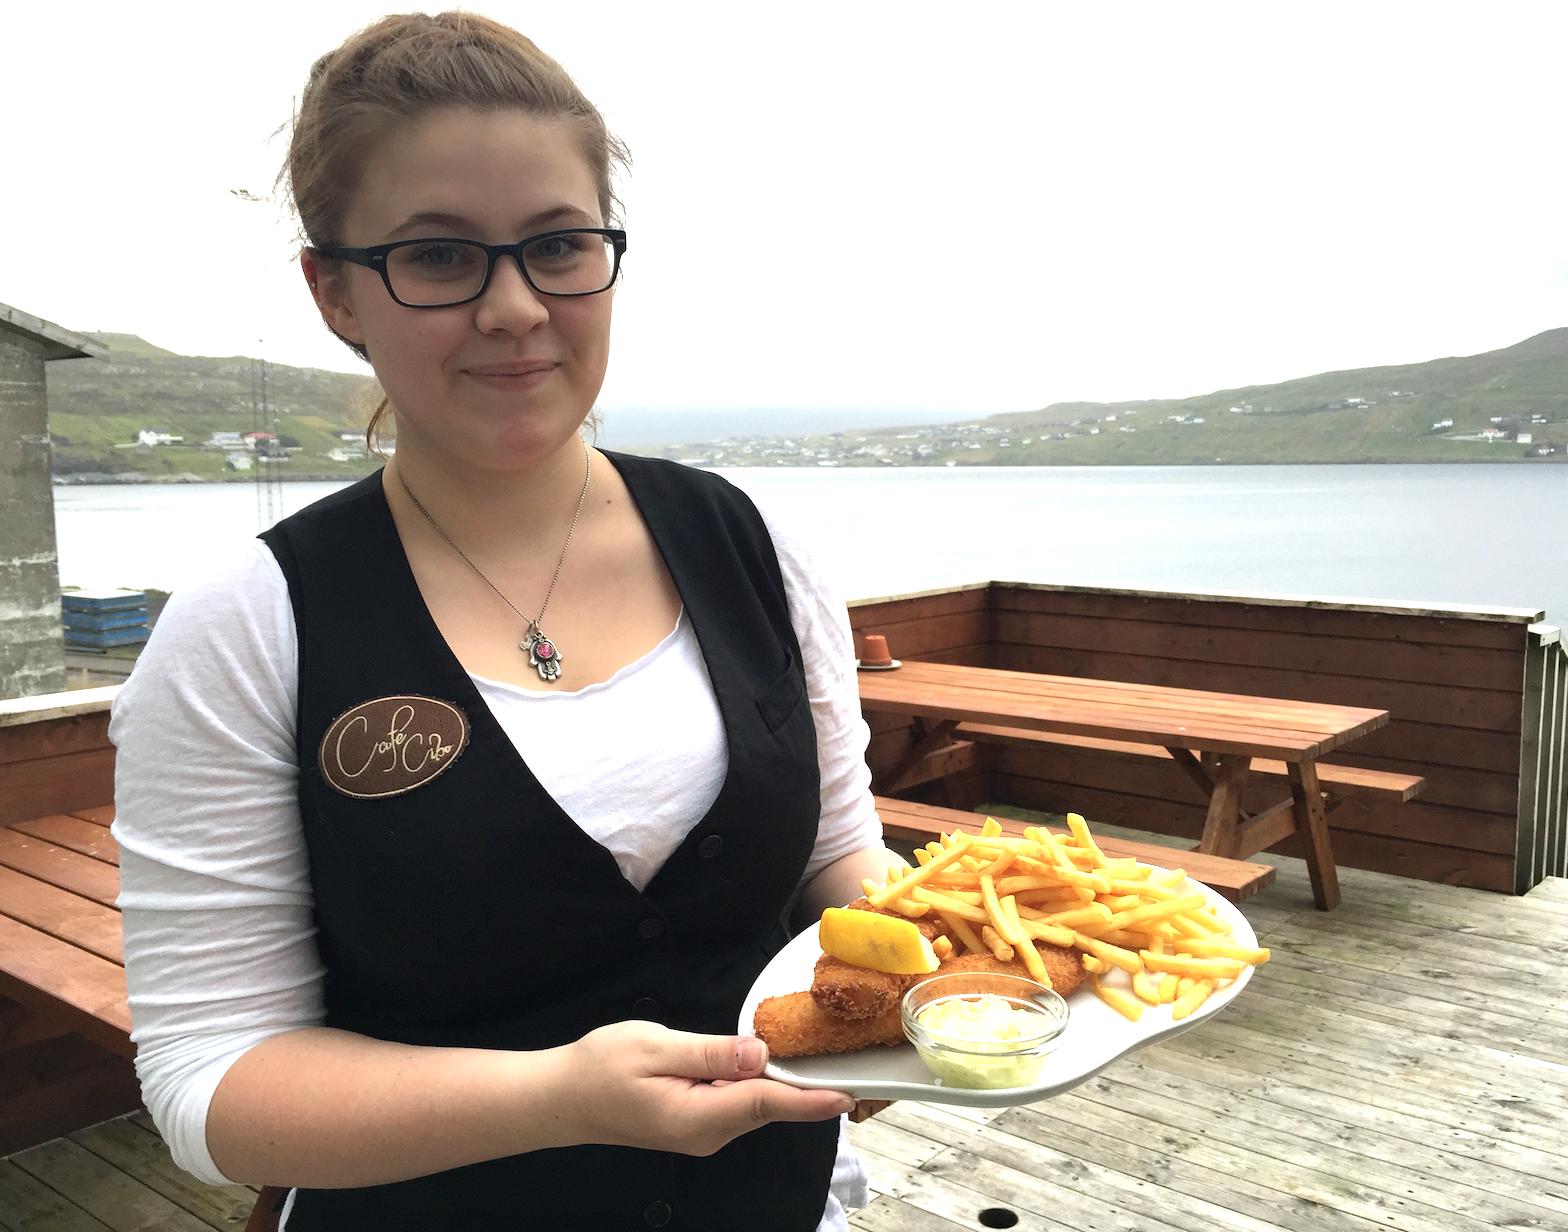 I Runavik, som er øyenes tredje største by, fikk vi sertvert fersk fish & chips på Cafe Cibo.